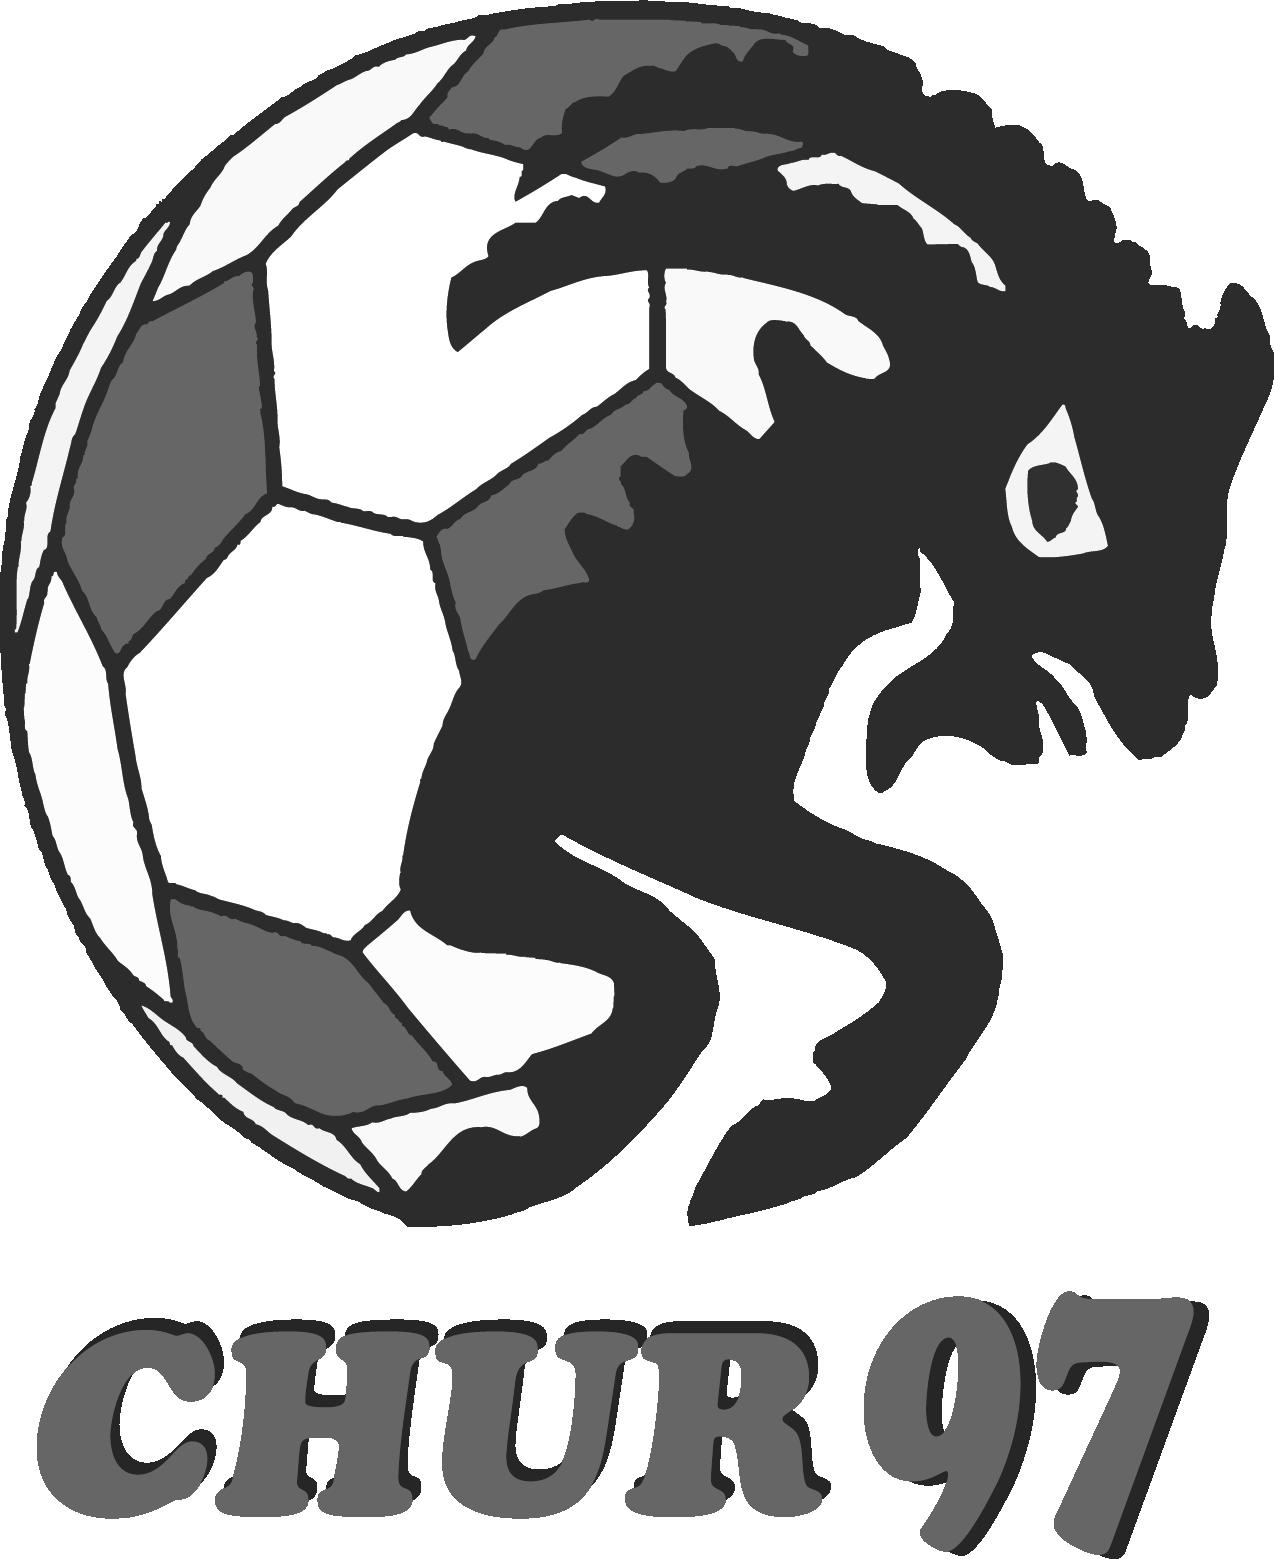 Logo Partner https://www.chur97.ch/